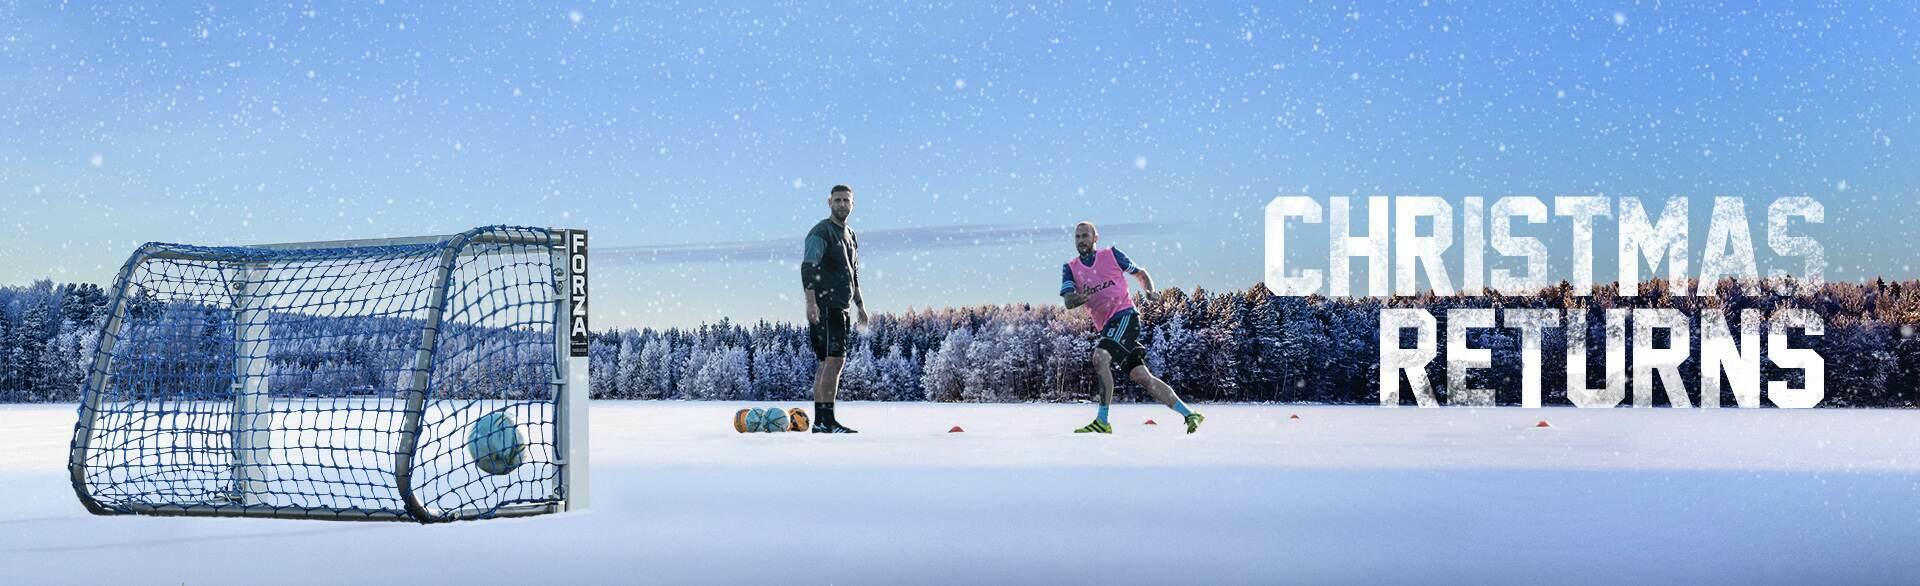 Matchday Christmas